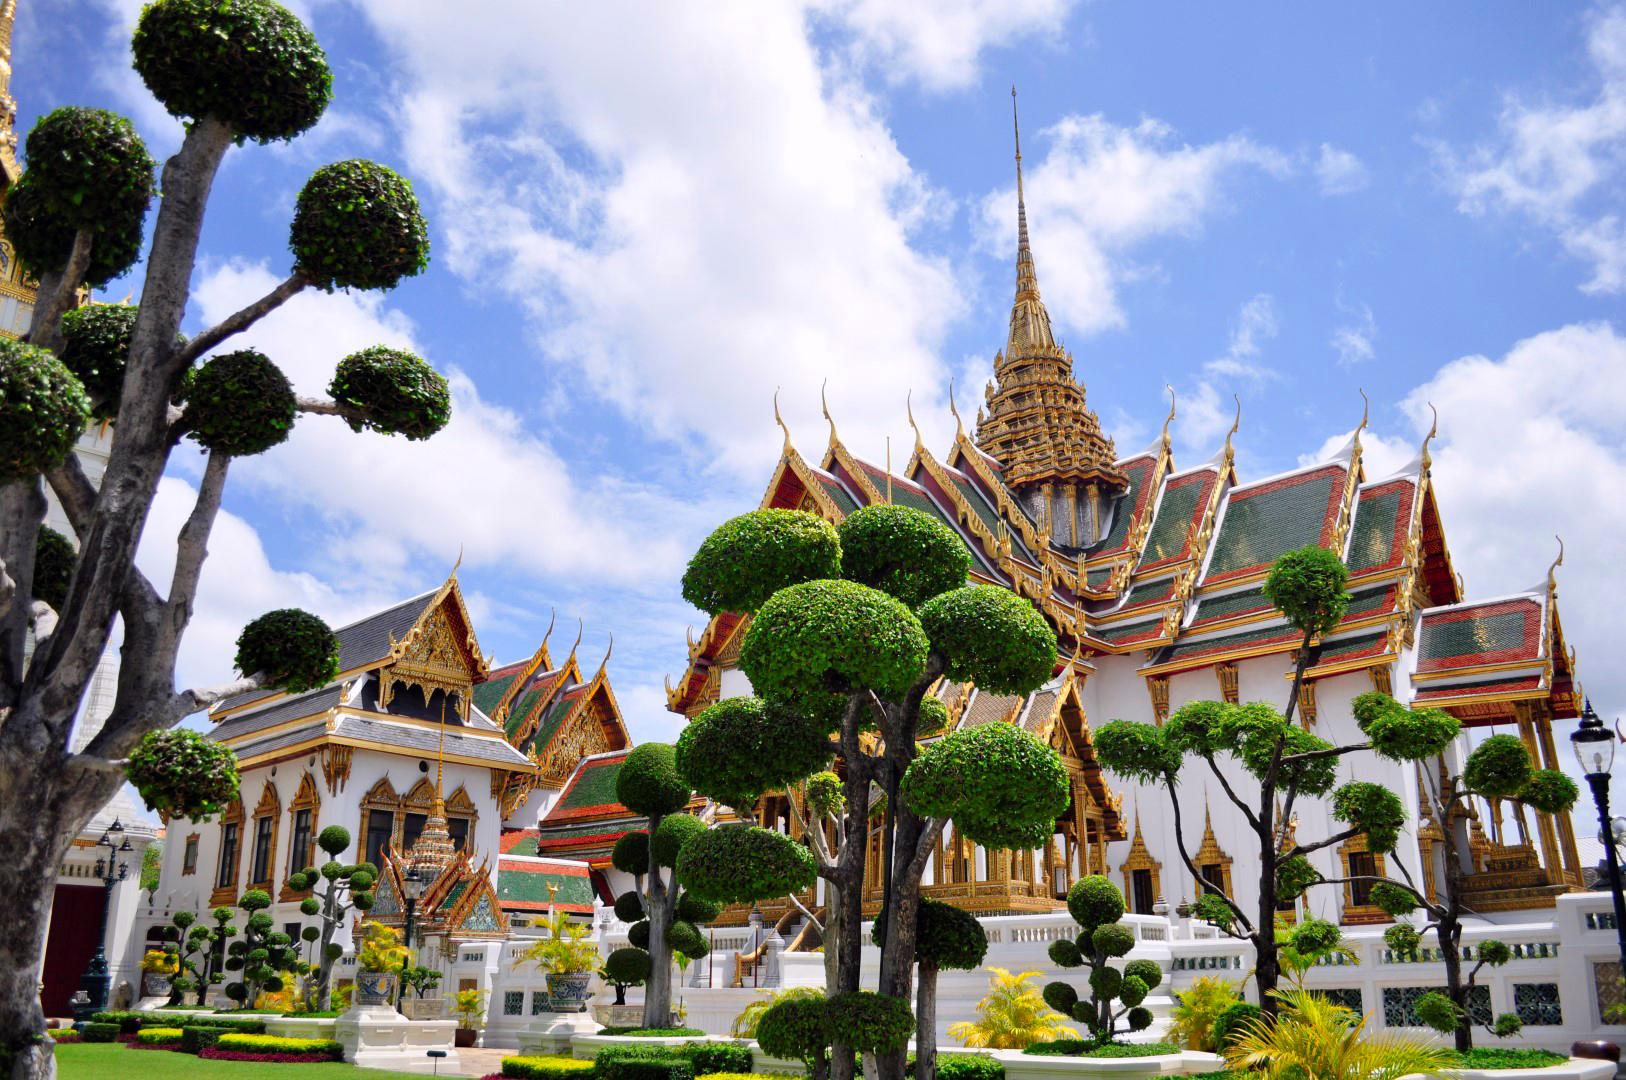 Qué hacer en Bangkok, qué ver en Bangkok, Tailandia qué hacer en bangkok - 40536743002 0b016ee0dc o - Qué hacer en Bangkok para descubrir su estilo de vida